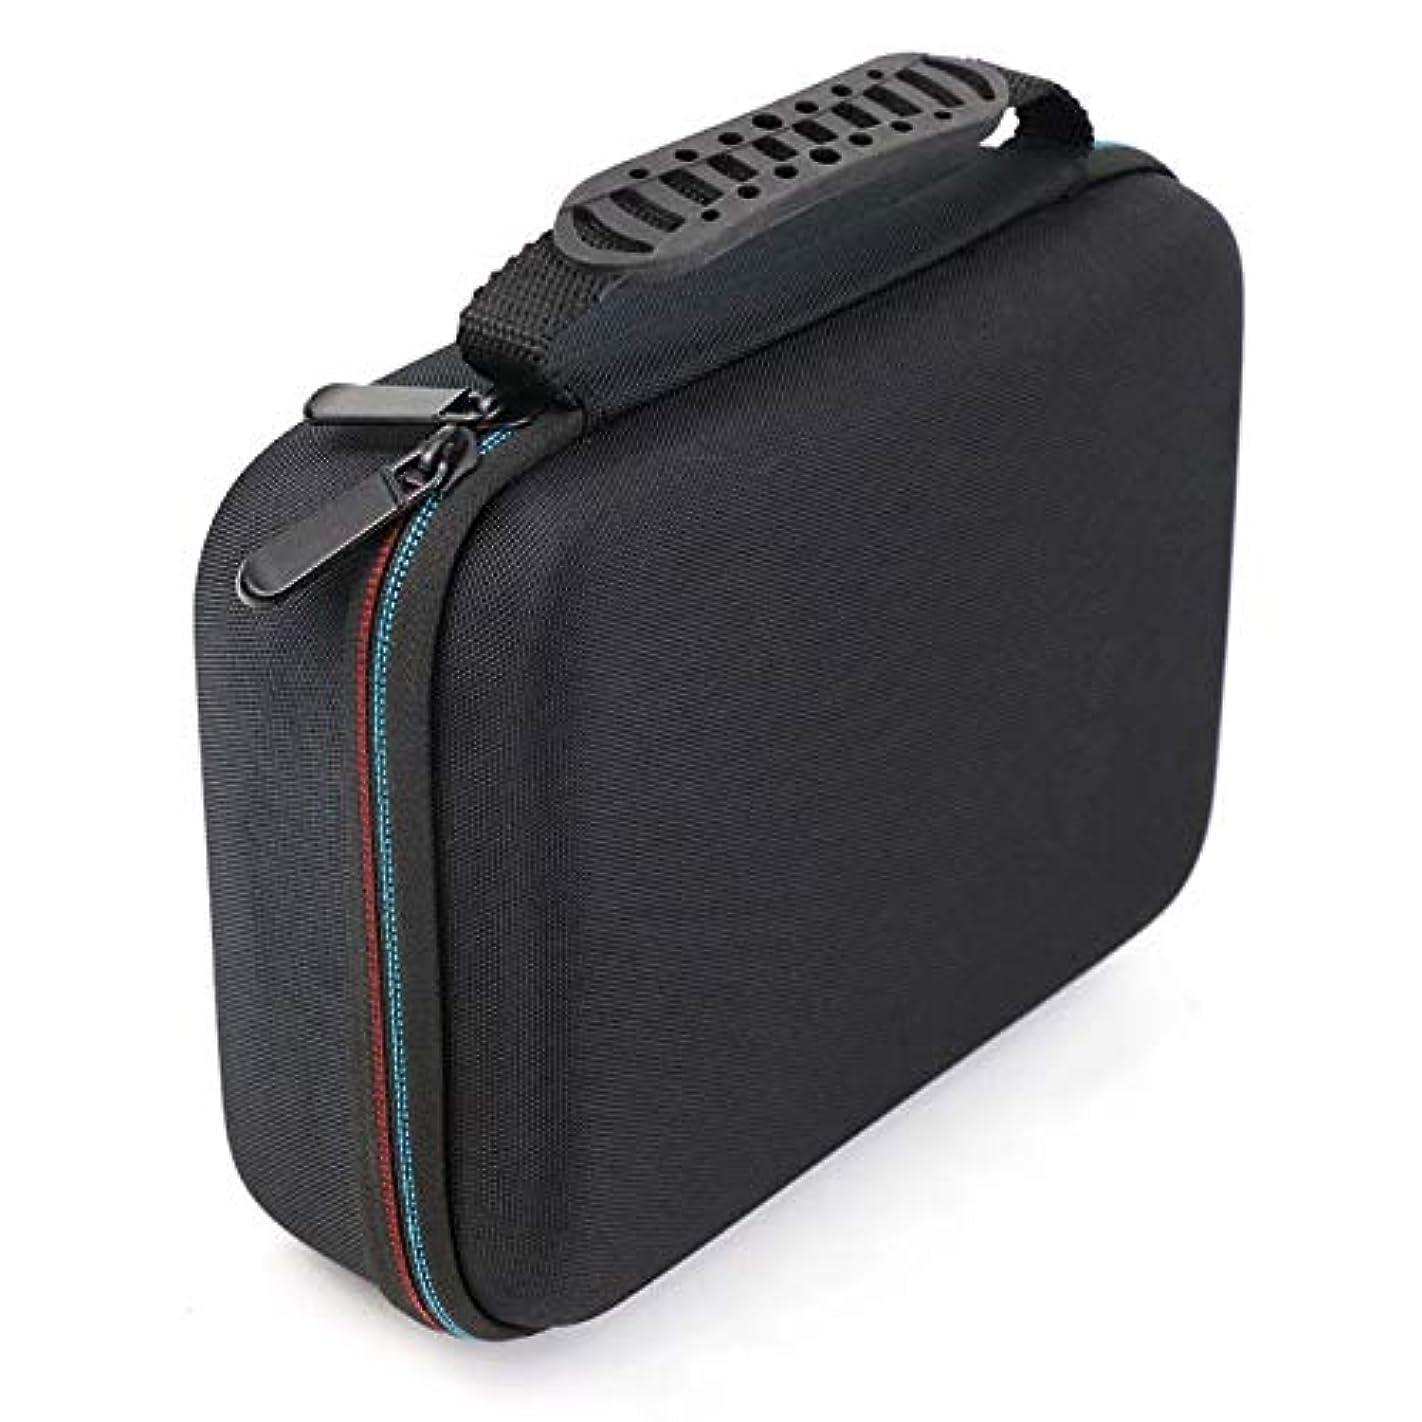 コード予言する赤ちゃんACAMPTAR バリカンの収納ケース、携帯用ケース、耐衝撃バッグ、シェーバーのキット、Evaハードケース、収納バッグ、 Mgk3020/3060/3080用